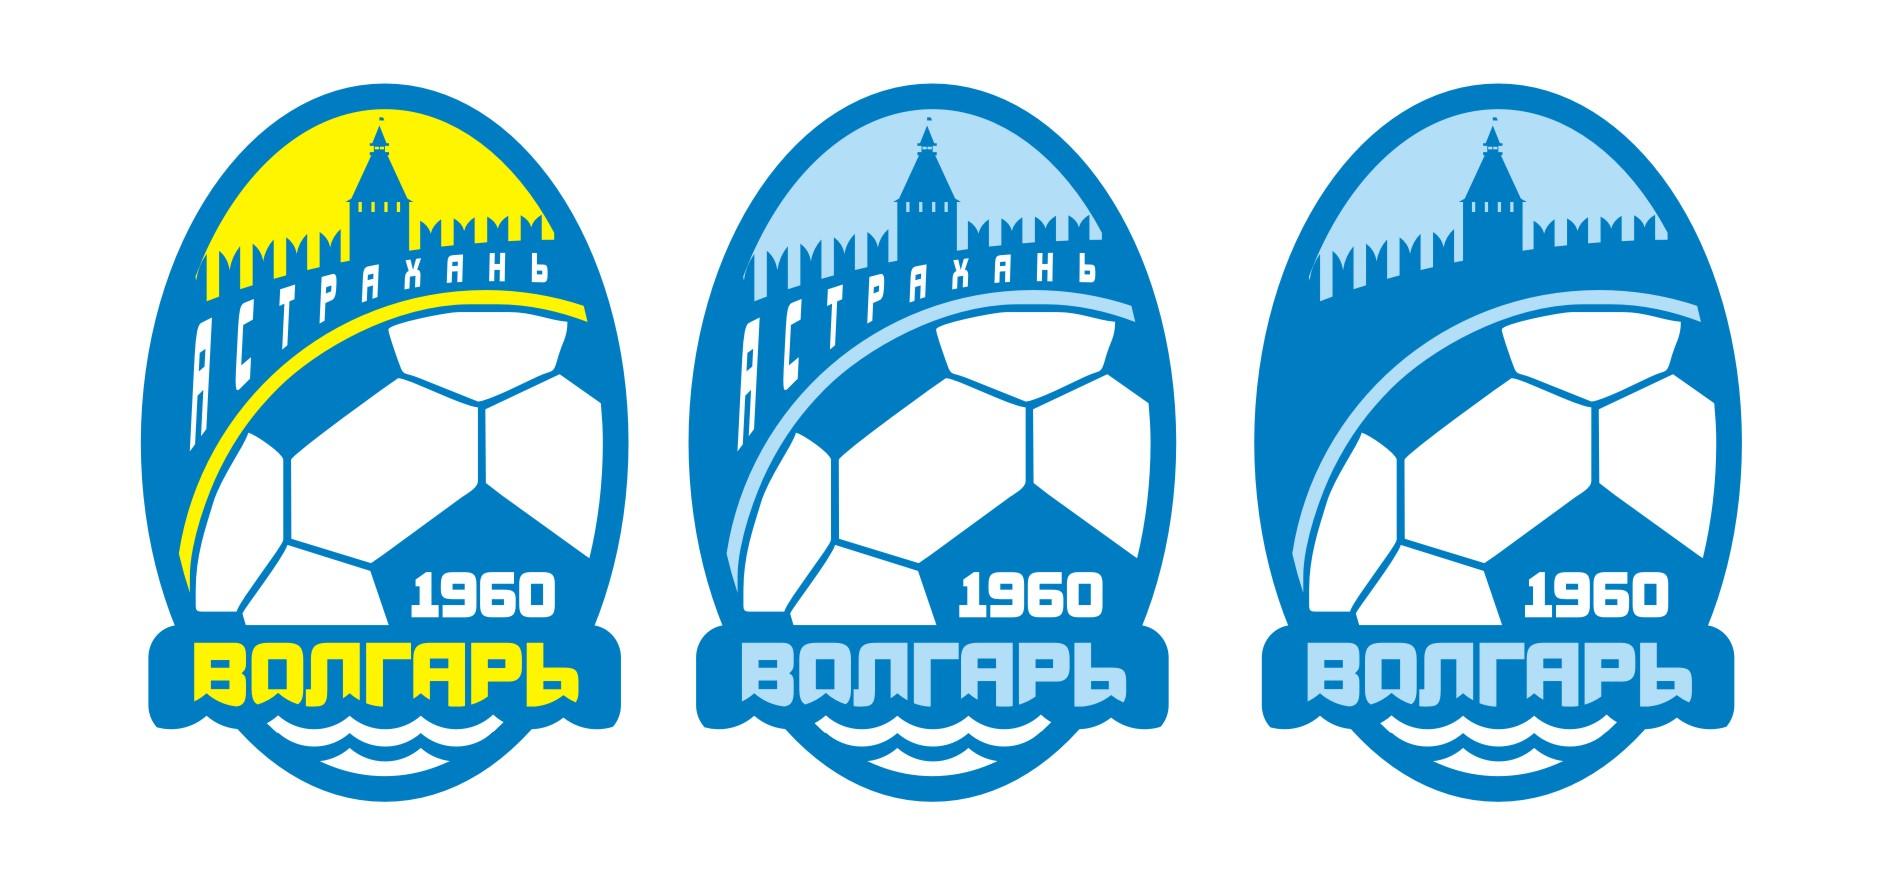 Разработка эмблемы футбольного клуба фото f_4fbf53ebec100.jpg